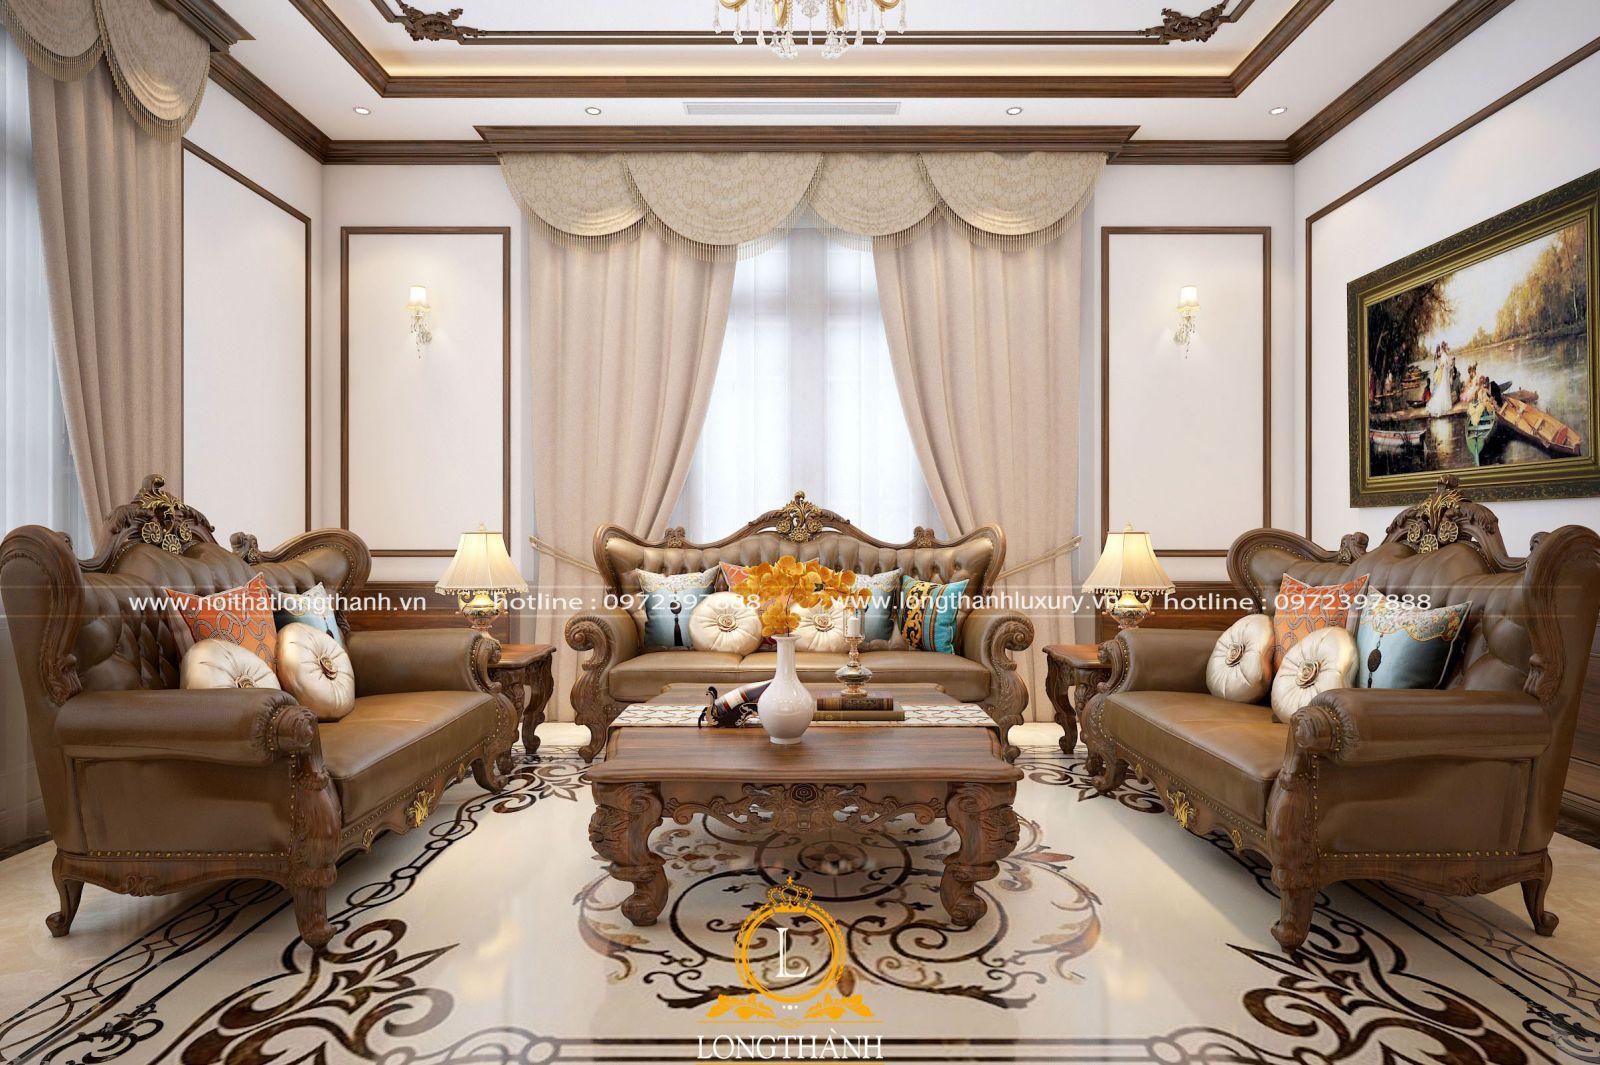 Phòng khách biệt thự đẹp với nội thất gỗ tự nhiên sang trọng